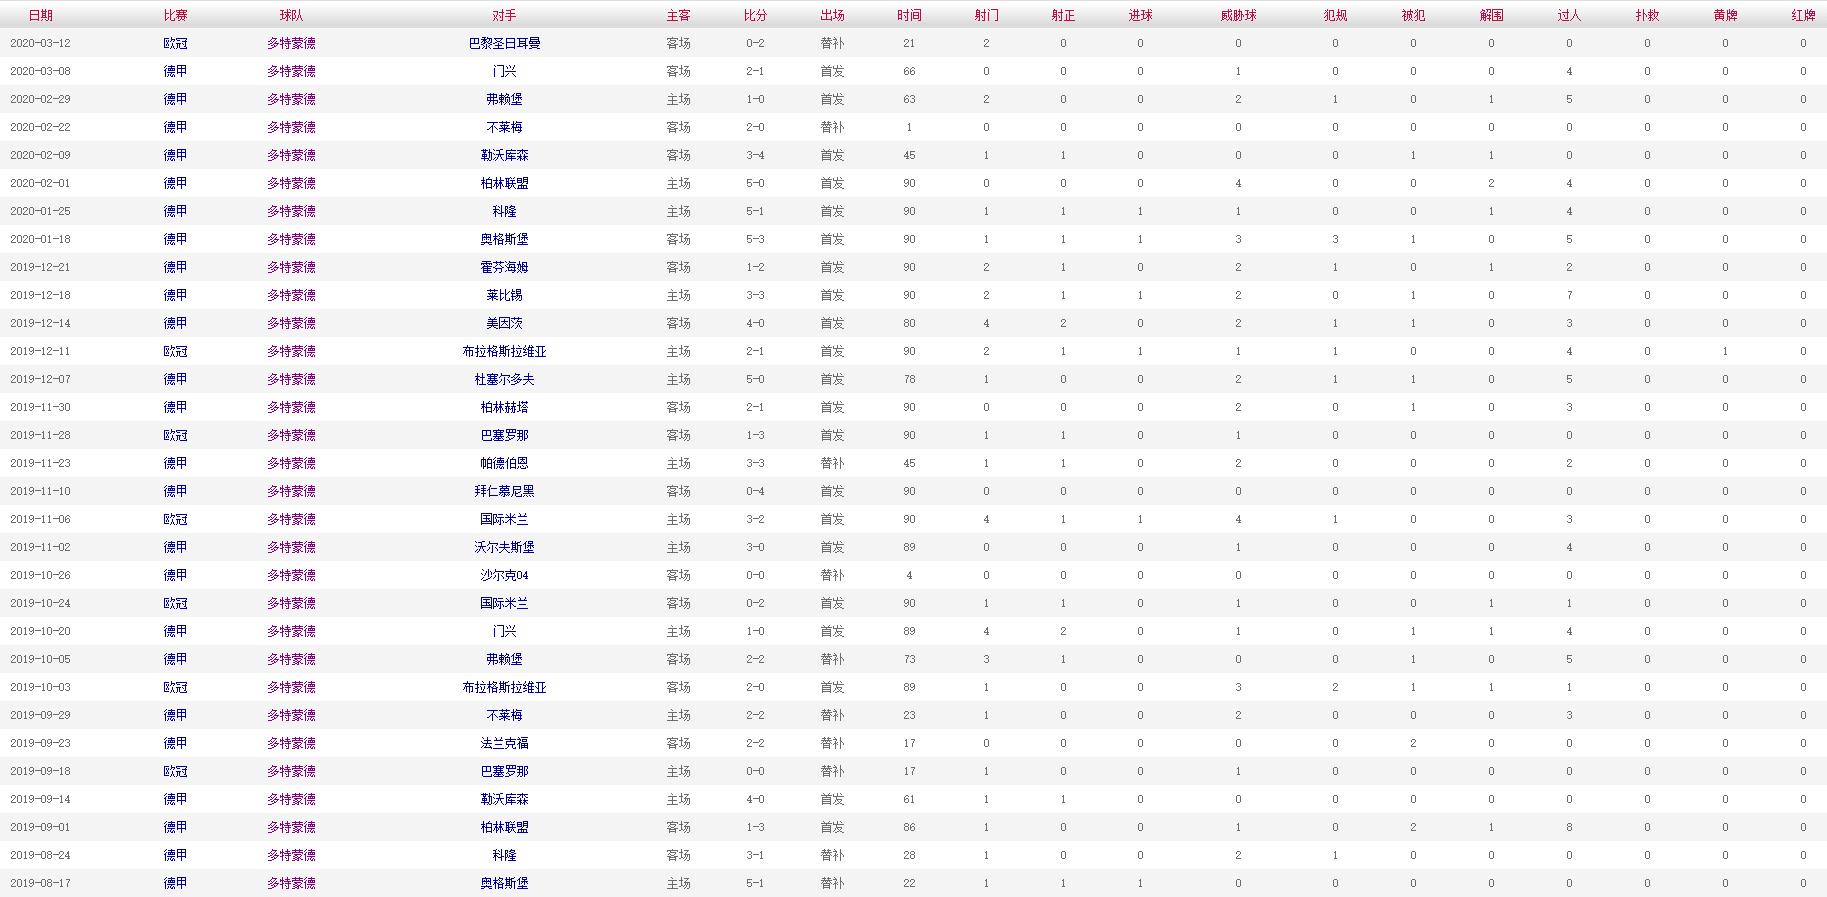 布兰特 2019-2020赛季比赛数据